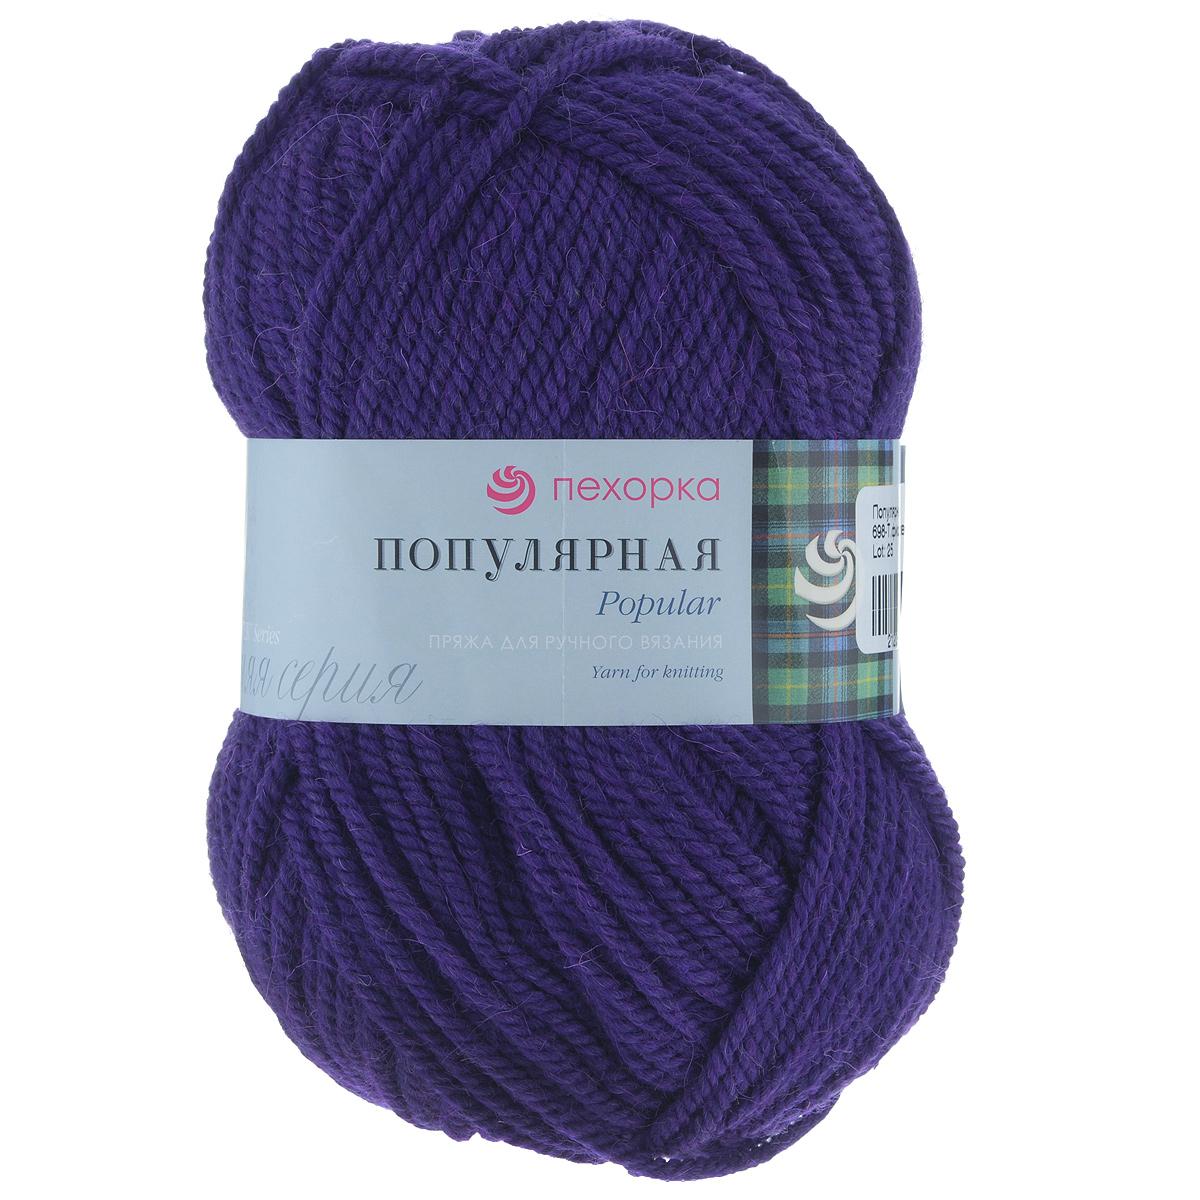 Пряжа для вязания Пехорка Популярная, цвет: темно-фиолетовый (698), 133 м, 100 г, 10 шт. 360031360031_698_698-Т.фиолетовыйПряжа для вязания Пехорка Популярная изготовлена из 50% шерсти и 50% акрила. Эта полушерстяная классическая пряжа подходит для ручного вязания. Пряжа предназначена для толстых зимних свитеров, джемперов, шапок, шарфов. Импортная полутонкая шерсть придает изделию из нее следующие свойства: прочность, упругость, высокую износостойкость и теплоизоляционные качества. Благодаря шерсти в составе пряжи, изделия получаются очень теплыми, а процент акрила придает практичности, поэтому вещи из этой пряжи не деформируются после стирки и в процессе носки. Рекомендованы спицы № 6. Комплектация: 10 мотков. Состав: 50% шерсть, 50% акрил.